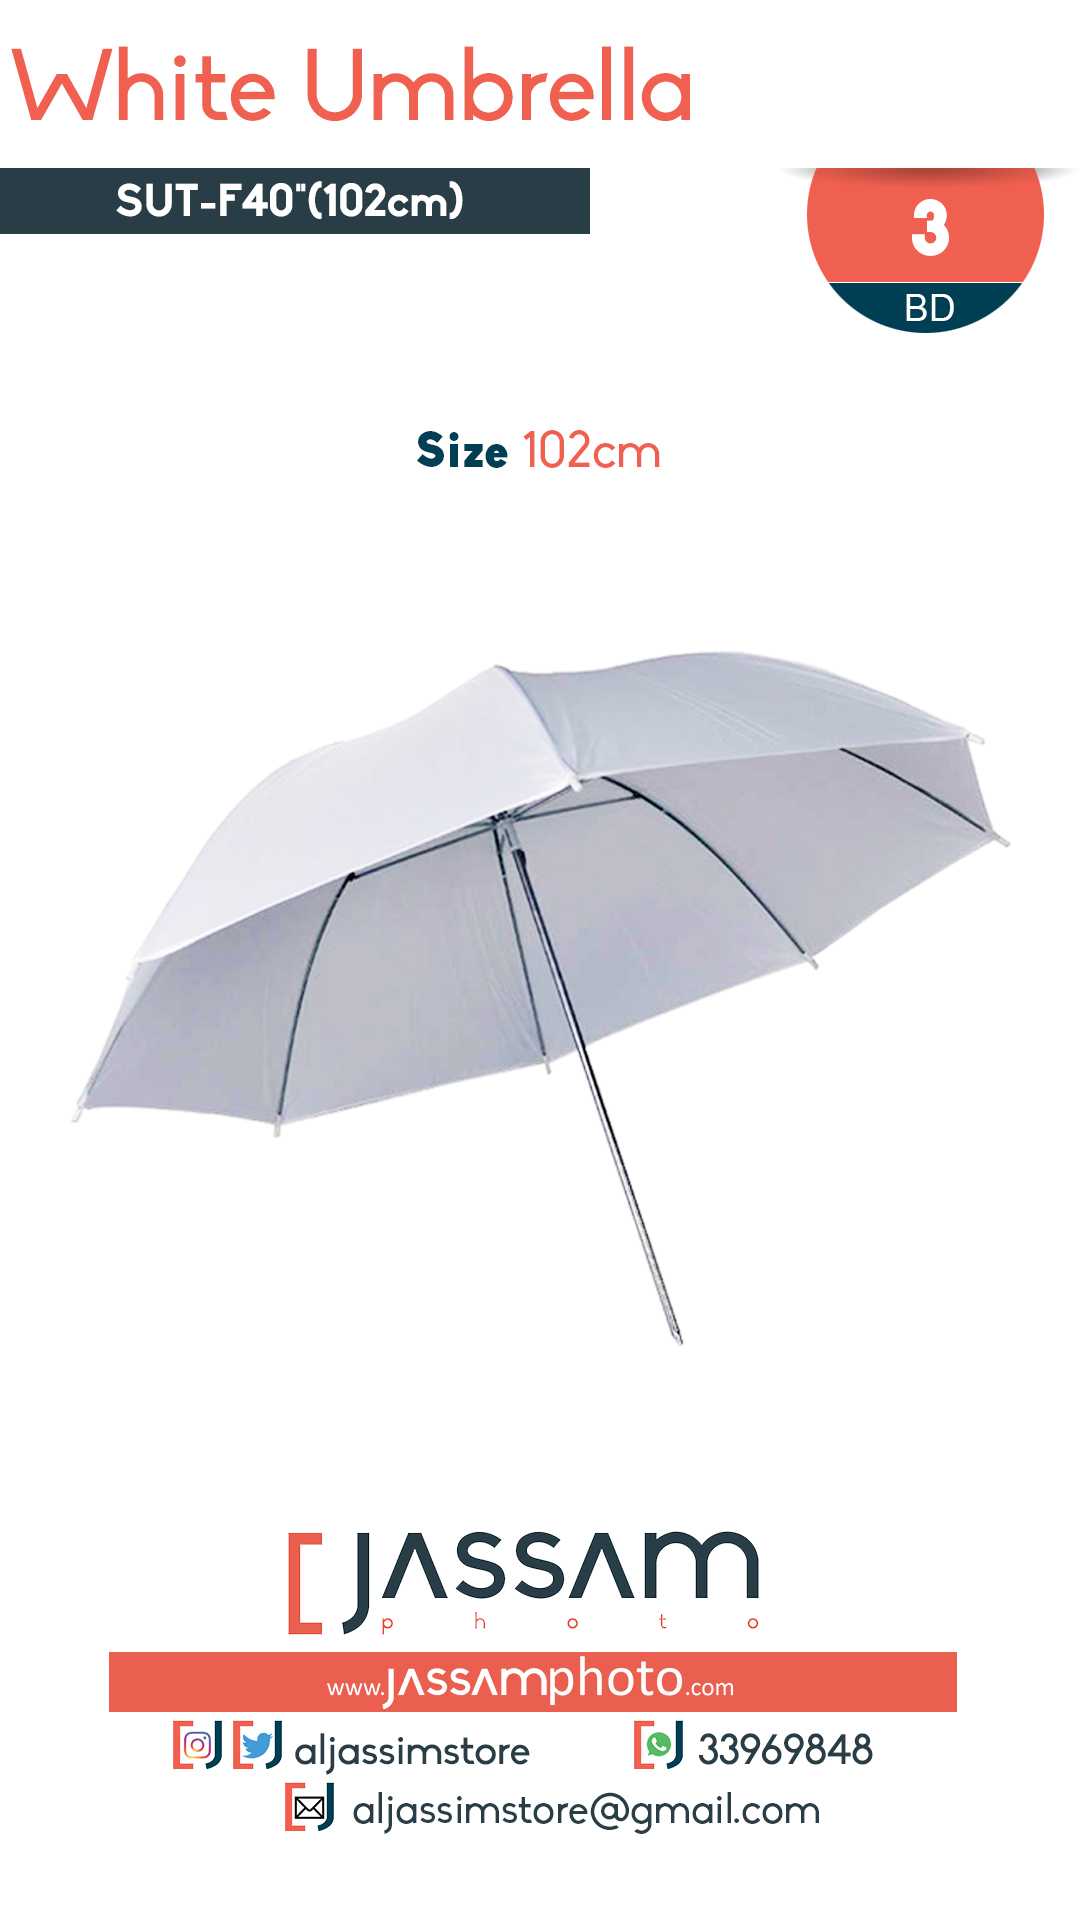 White Umbrella 102cm